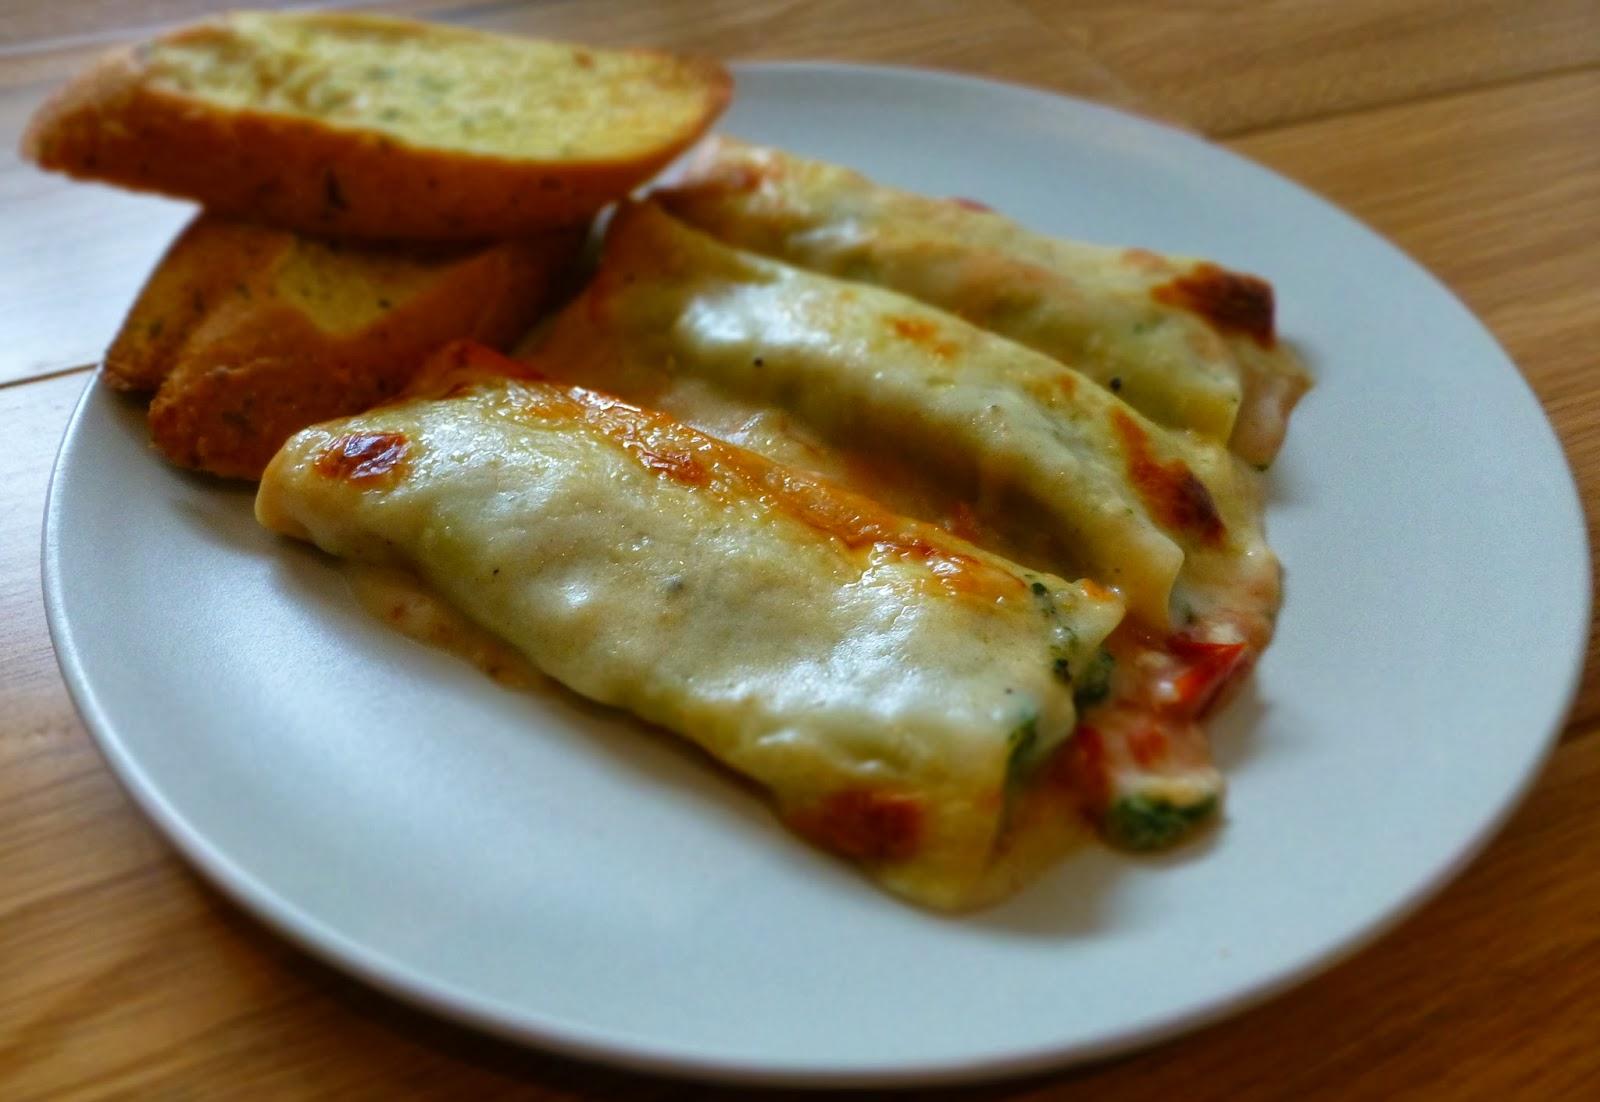 RECIPE # 8: Spinach & Ricotta Cannelloni